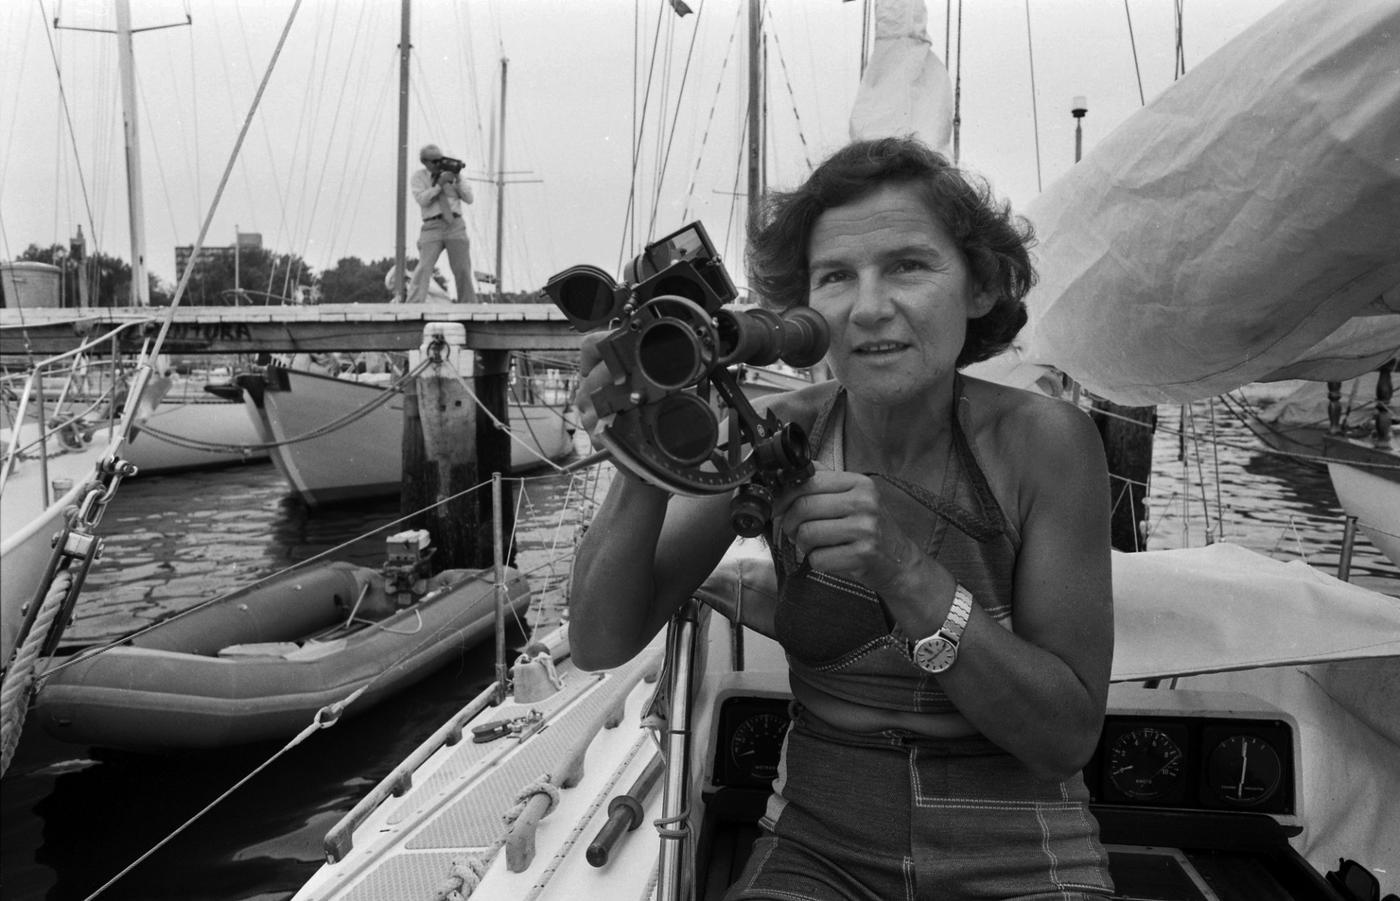 Огонь над морем и цирк на завтрак: как польская яхтсменка восхитила весь мир - фото